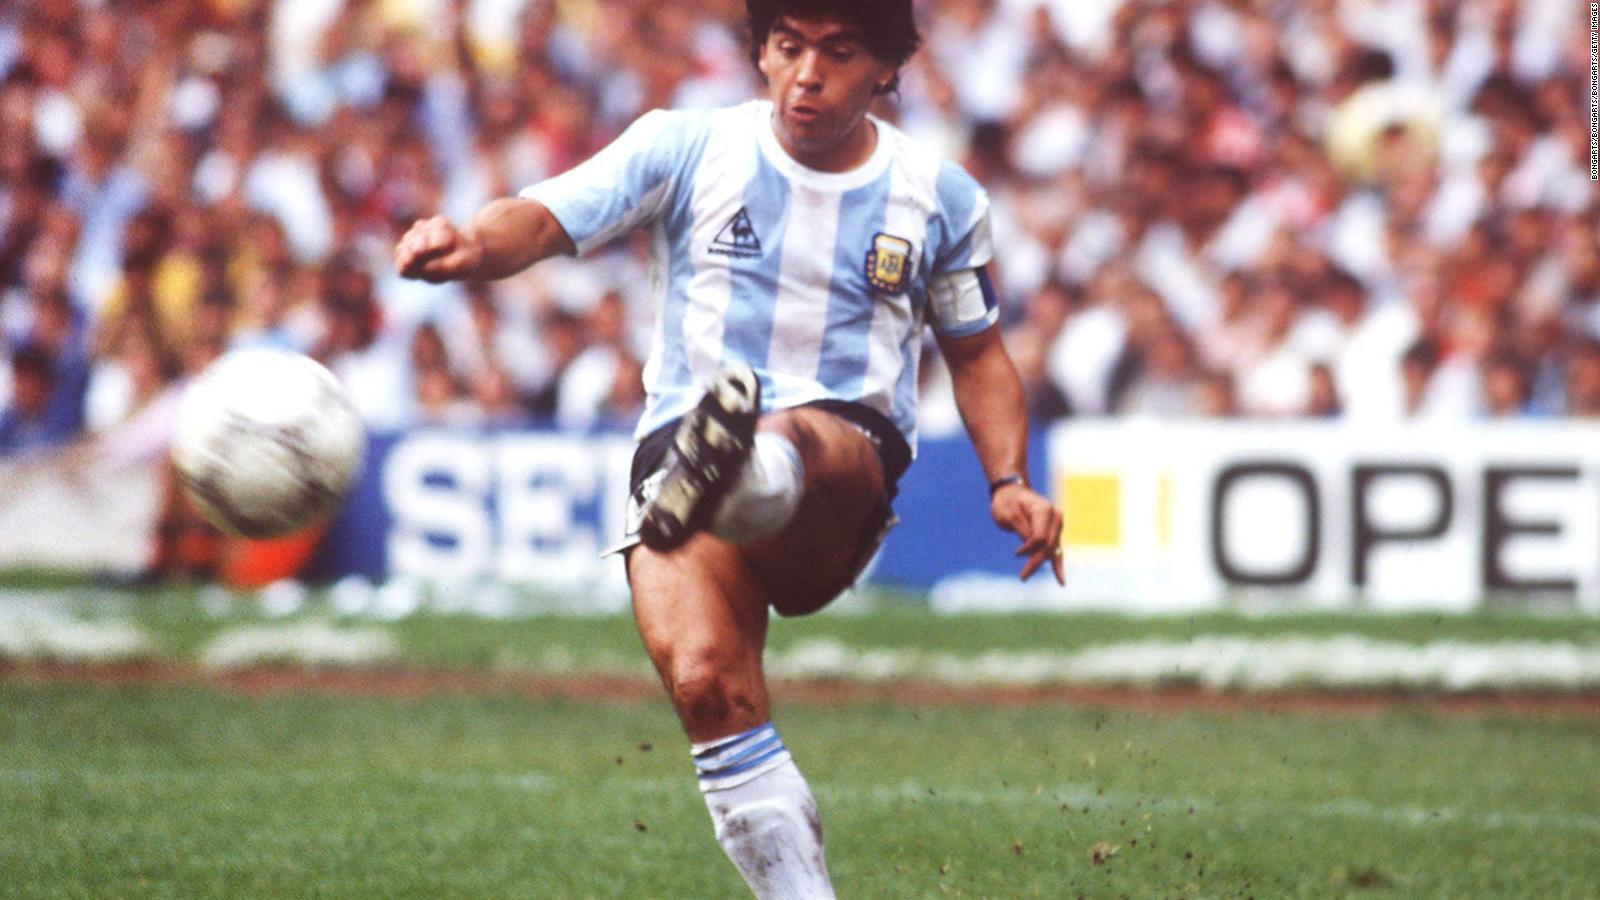 Diego Maradona cumple 60 años: 10 historias sobre el «D10S» del fútbol